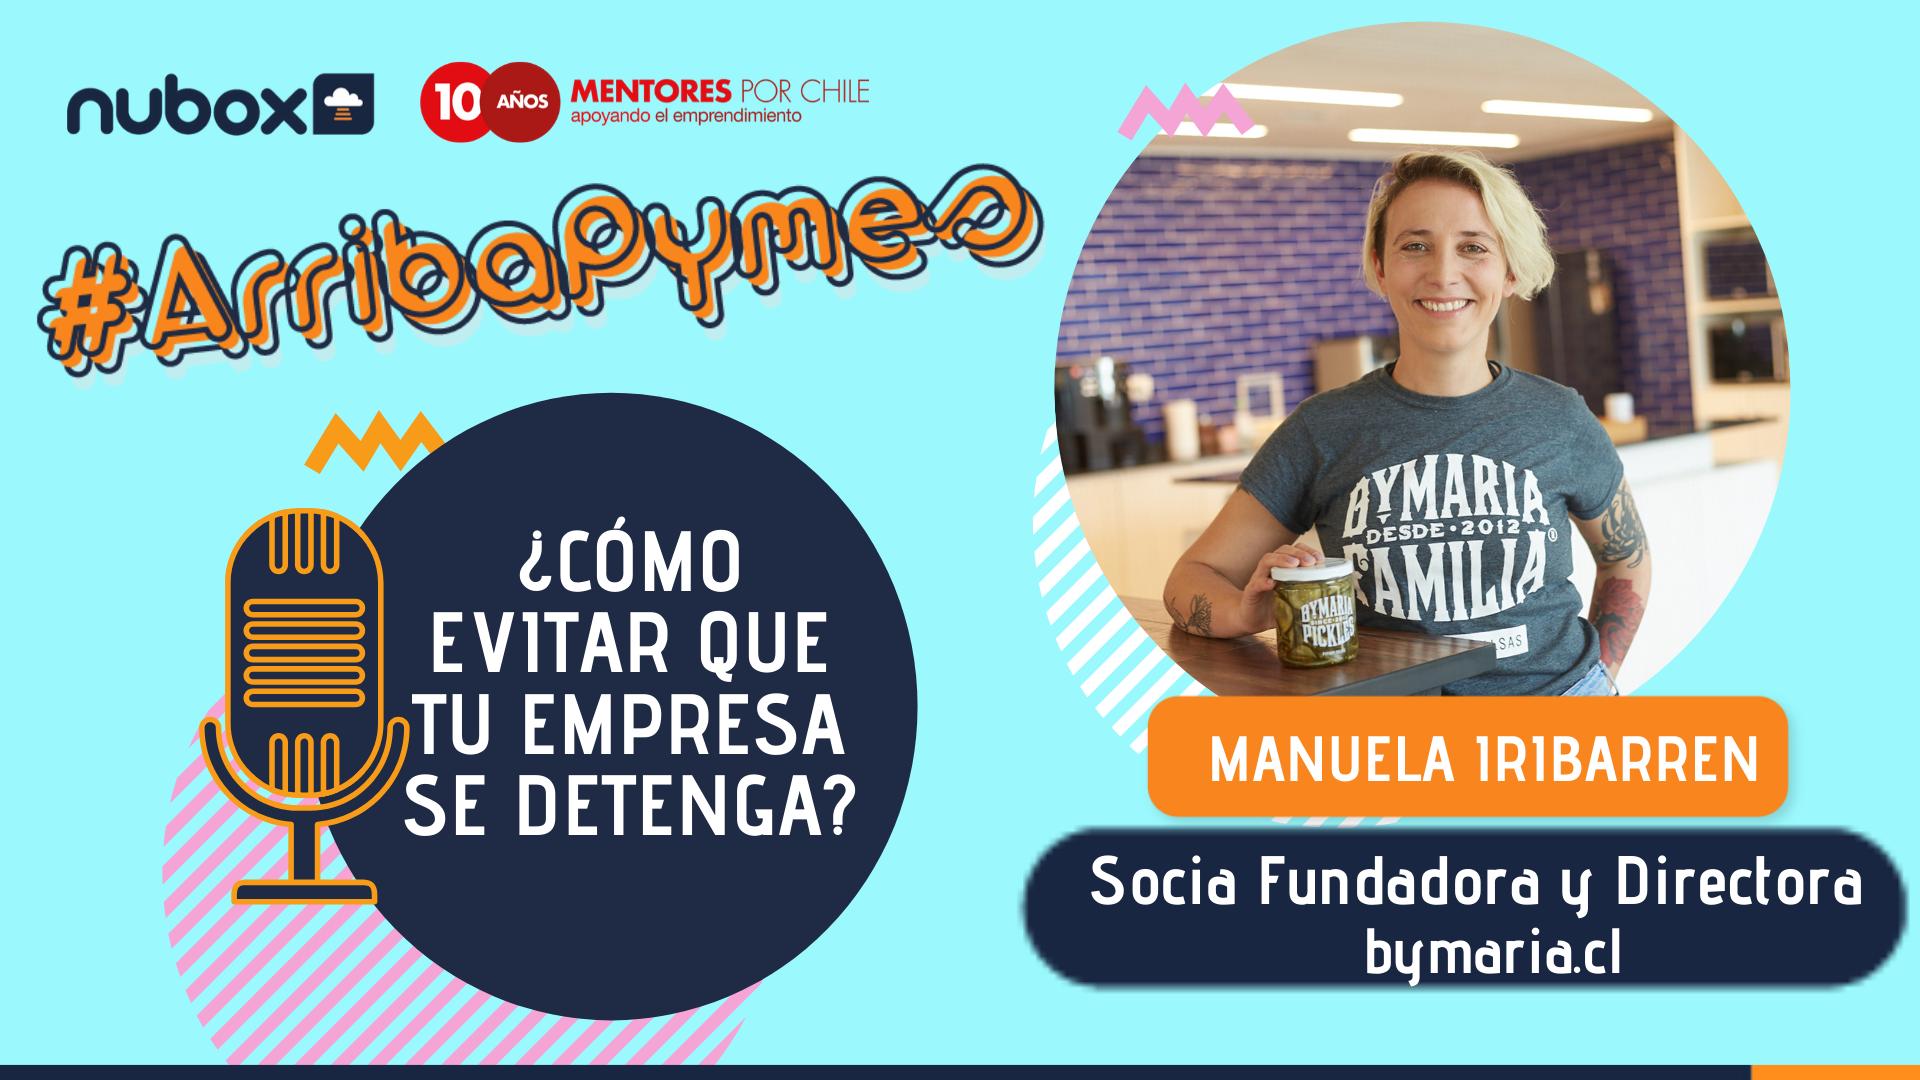 [Podcast #2] Manuela Iribarren: El ecommerce salvó nuestro negocio durante esta crisis